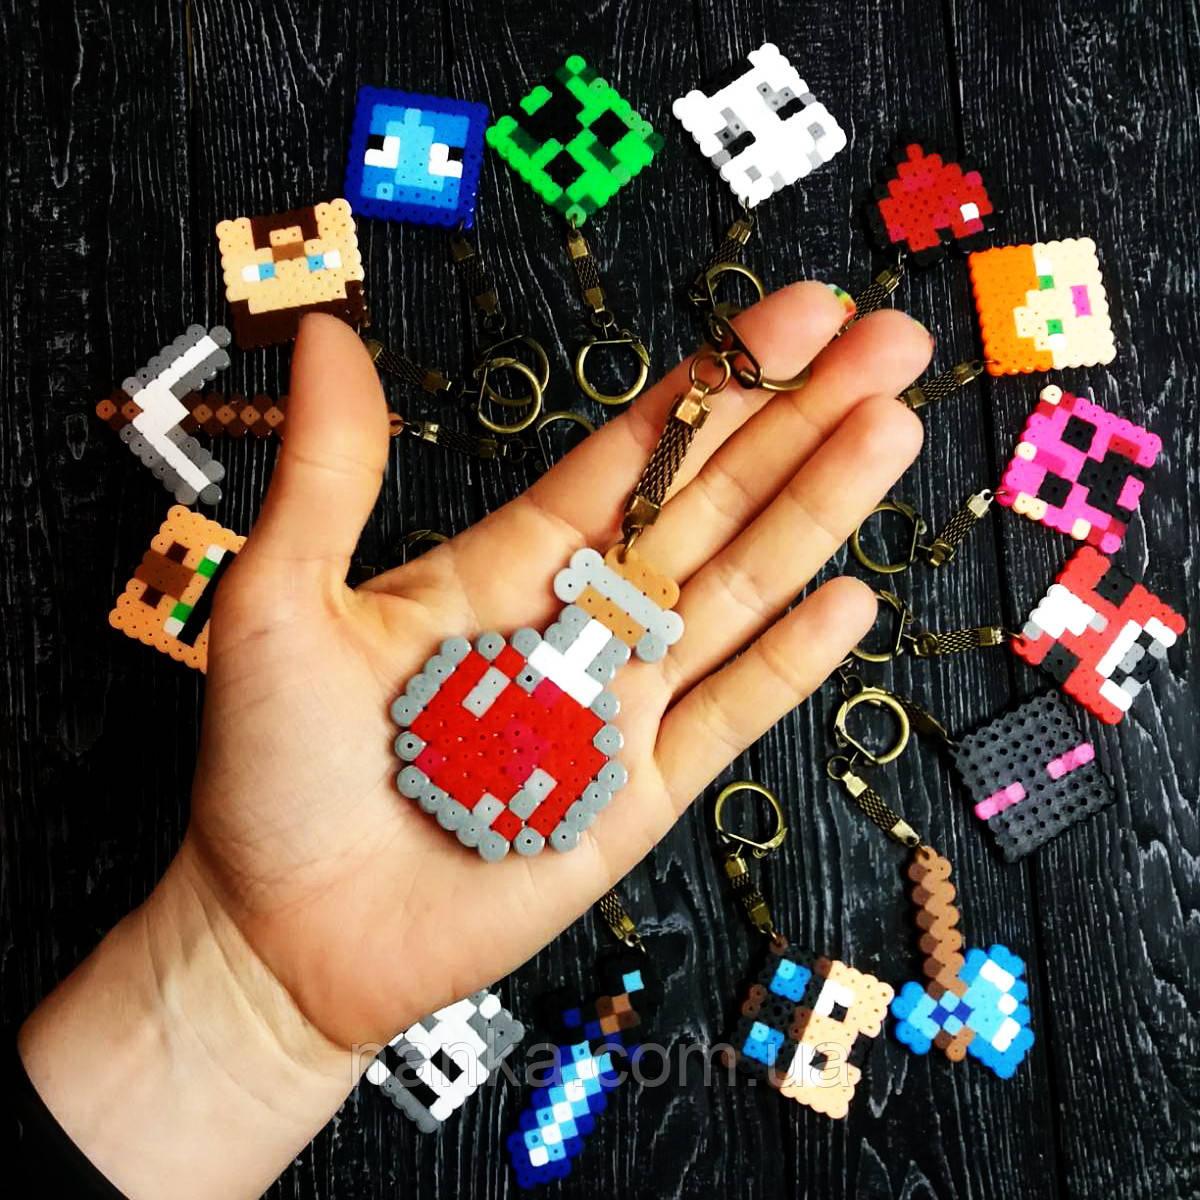 Брелок серия Minecraft, Майнкрафт Бутылочка